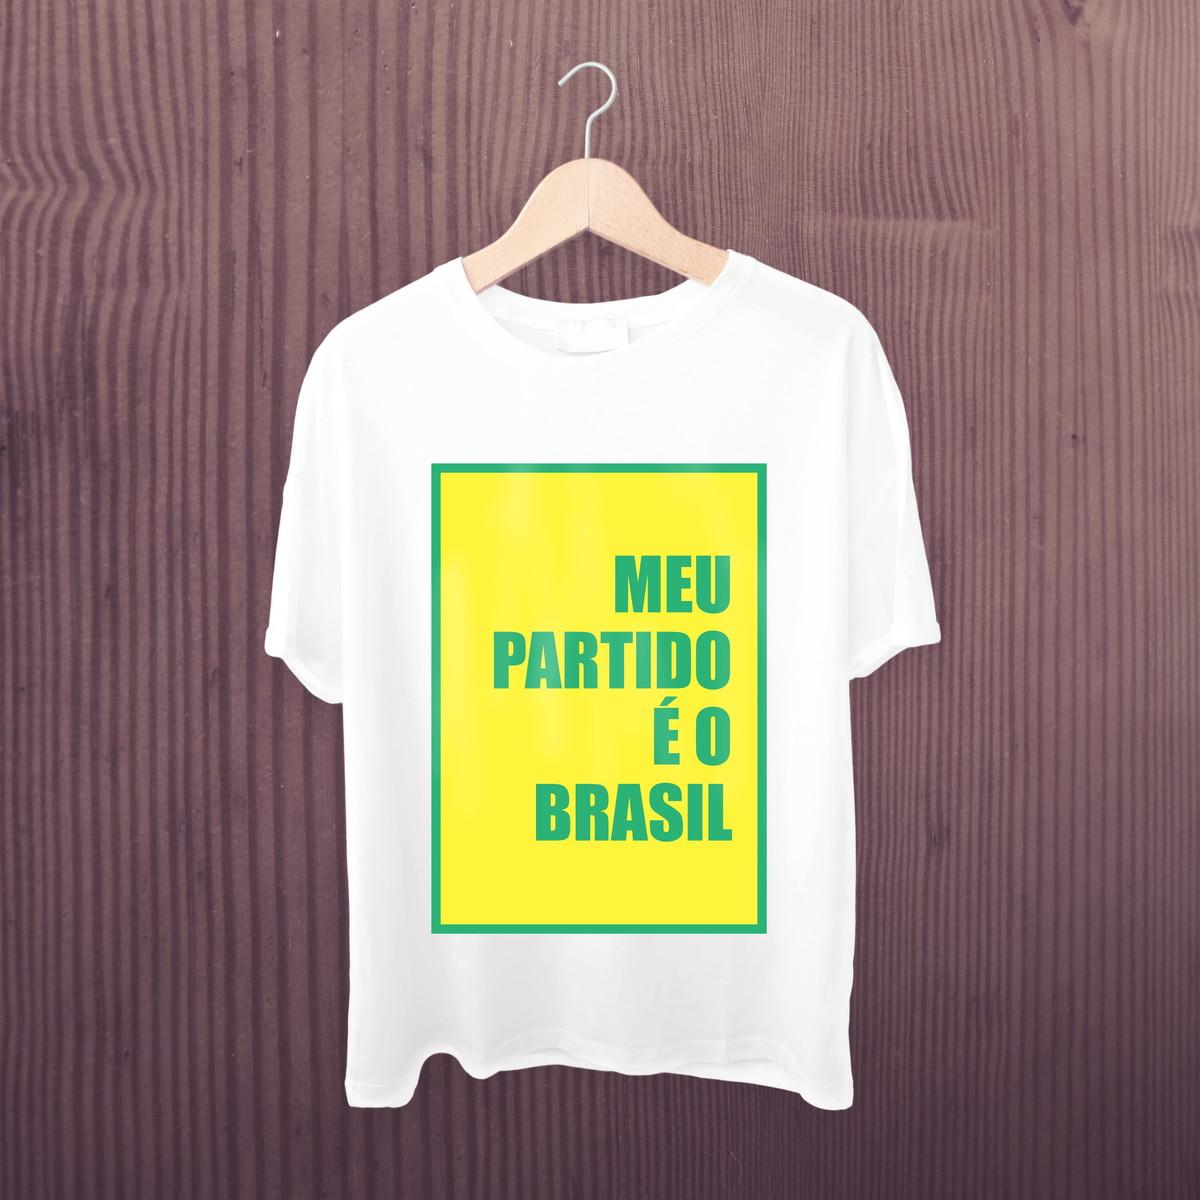 38f2ffd9d8 Camiseta Meu partido é o Brasil - Camisa Bolsonaro mito 2018 no Elo7 ...